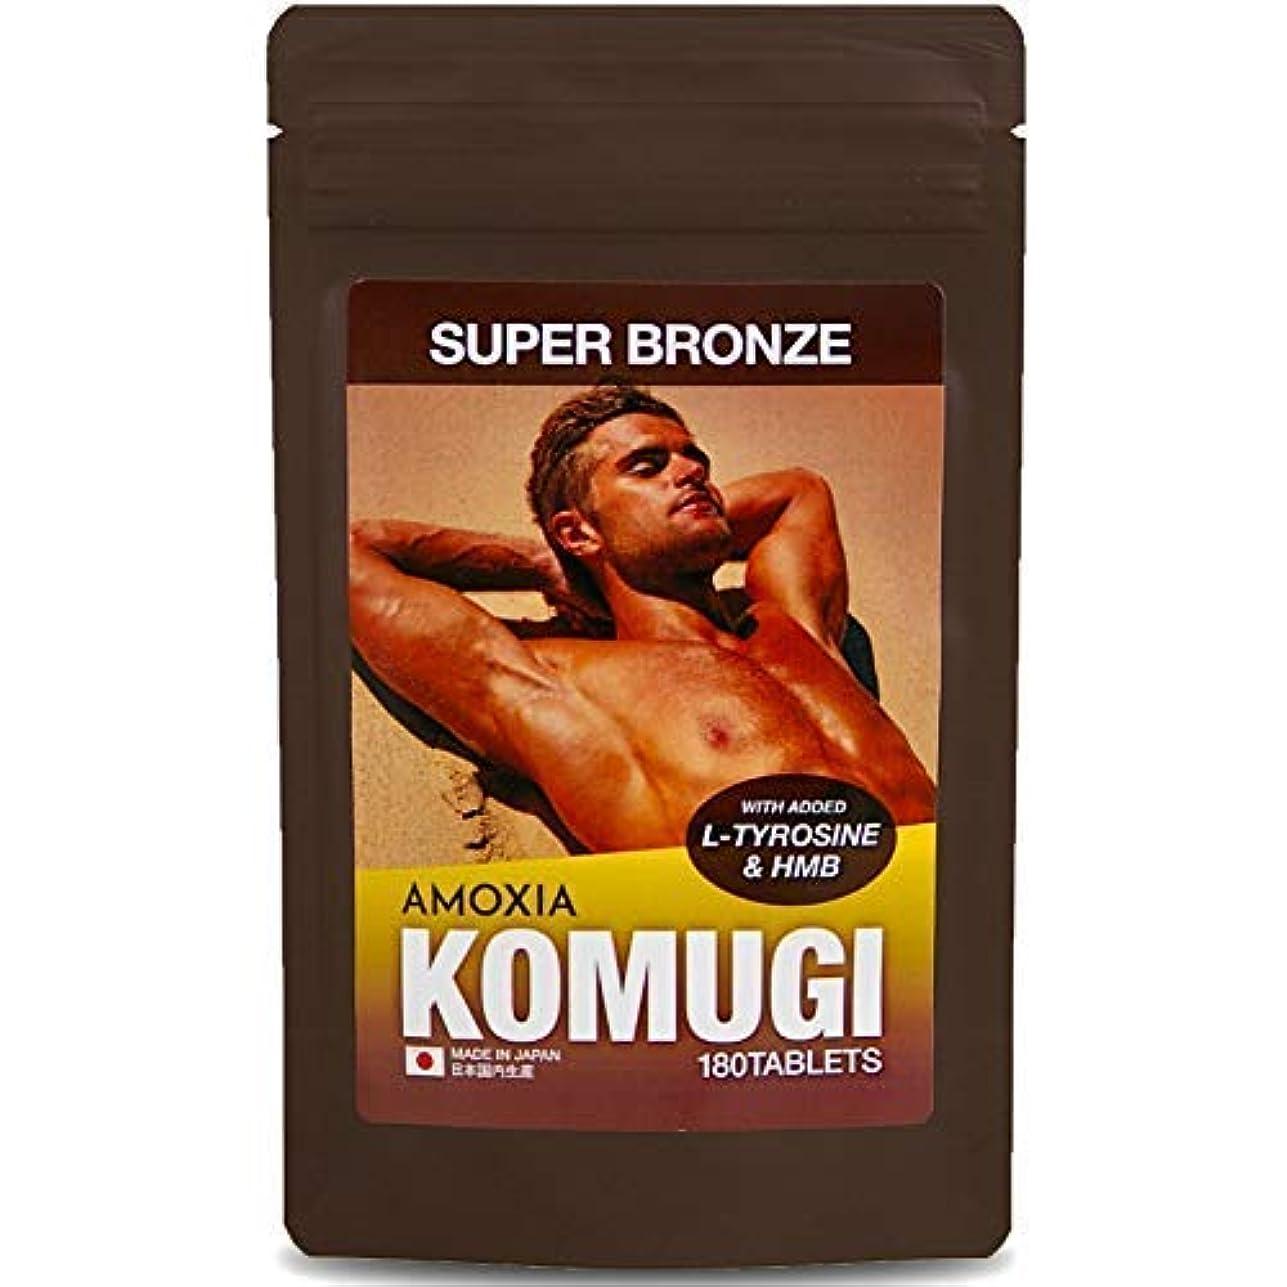 導出資料良心KOMUGI 日焼けと筋肉増強で新発想の飲むタンニング タンニングサプリメント 安心の国産 HMB配合 国産シェア100%